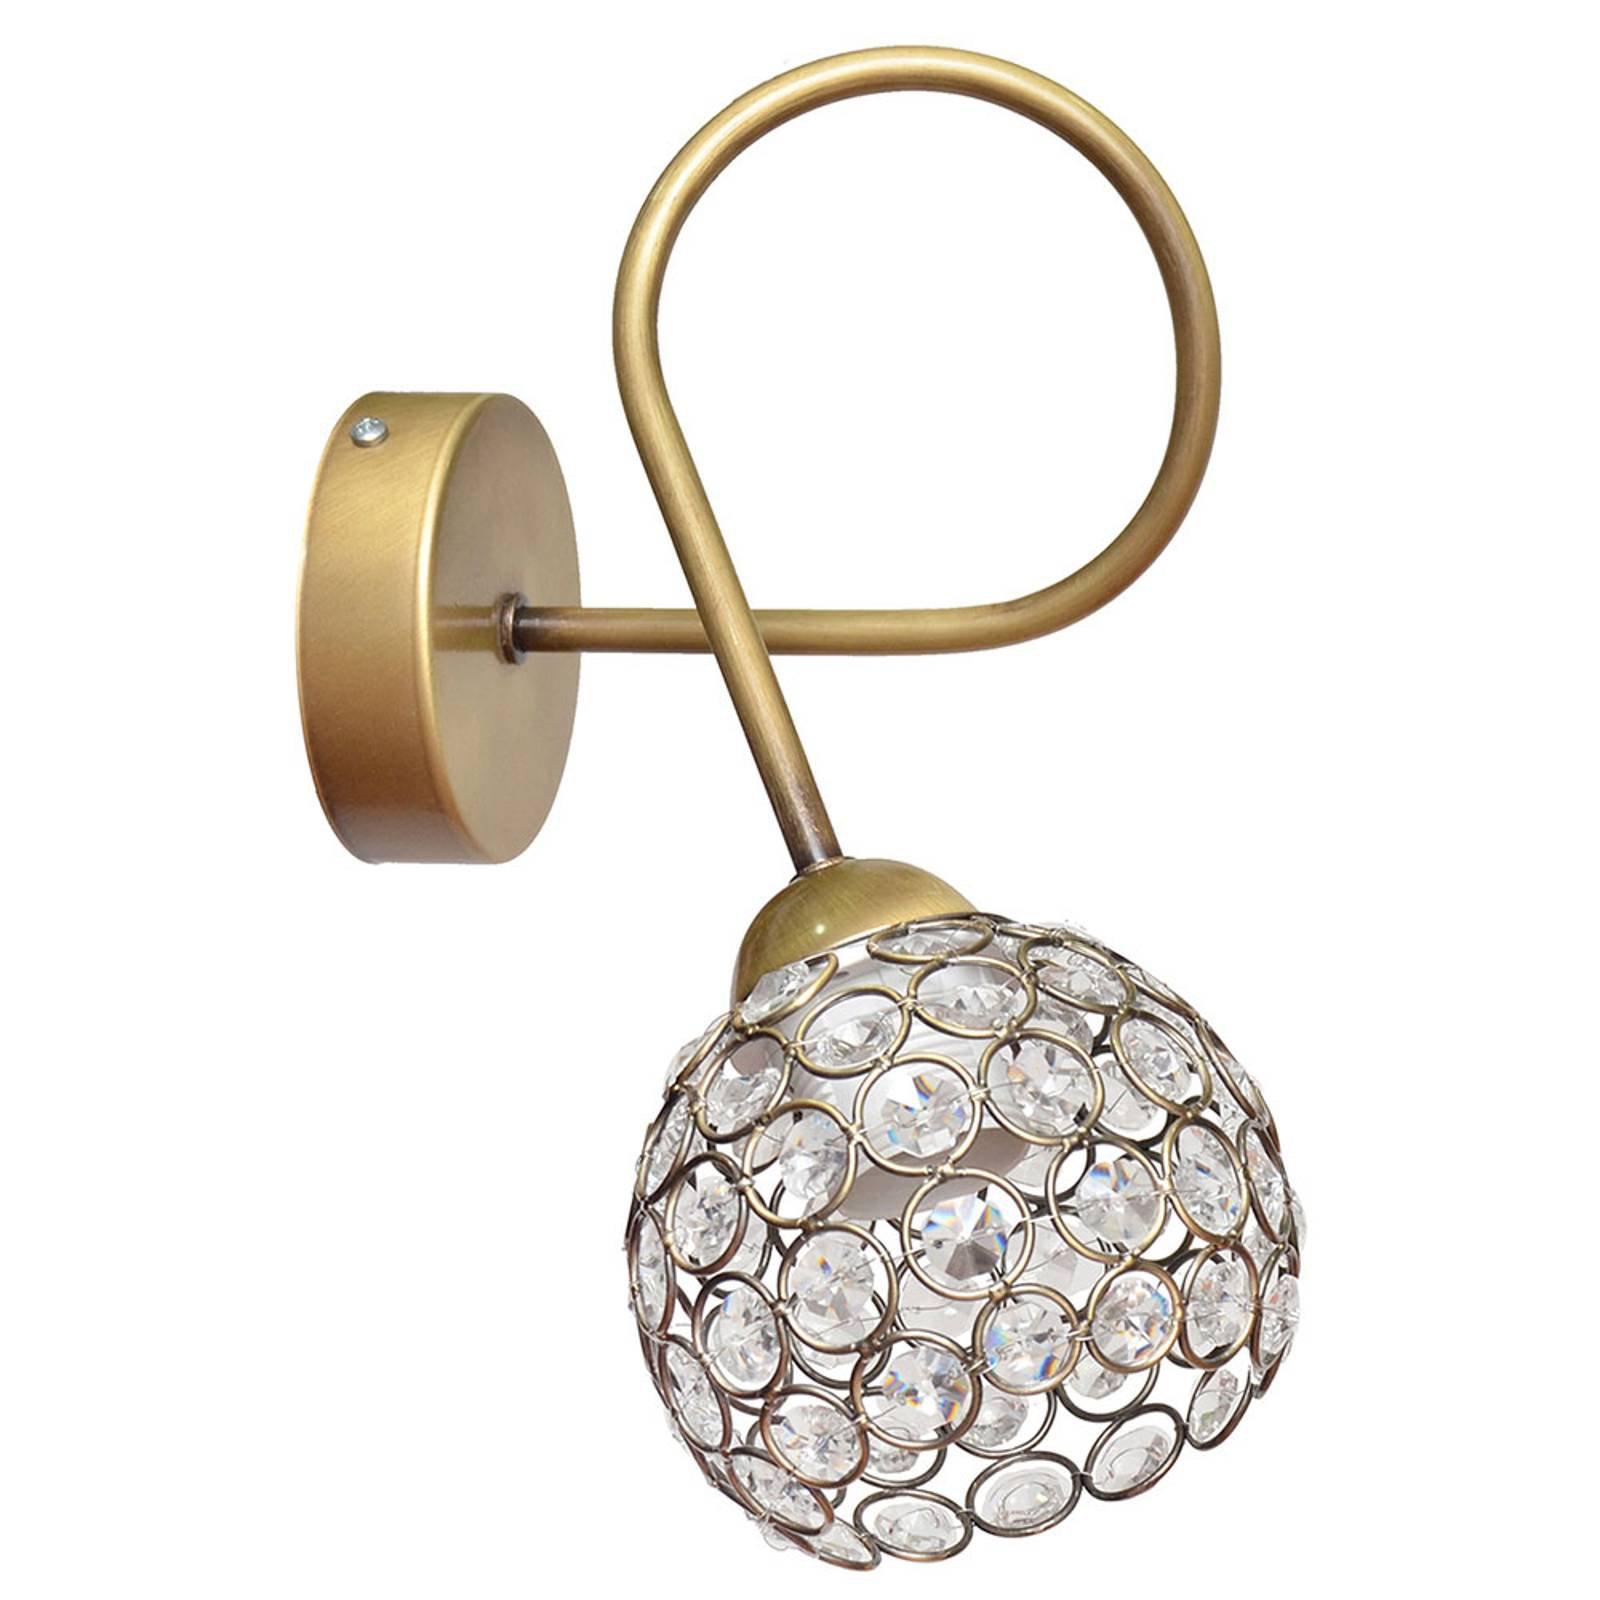 Vegglampe Oxford i gull med krystaller